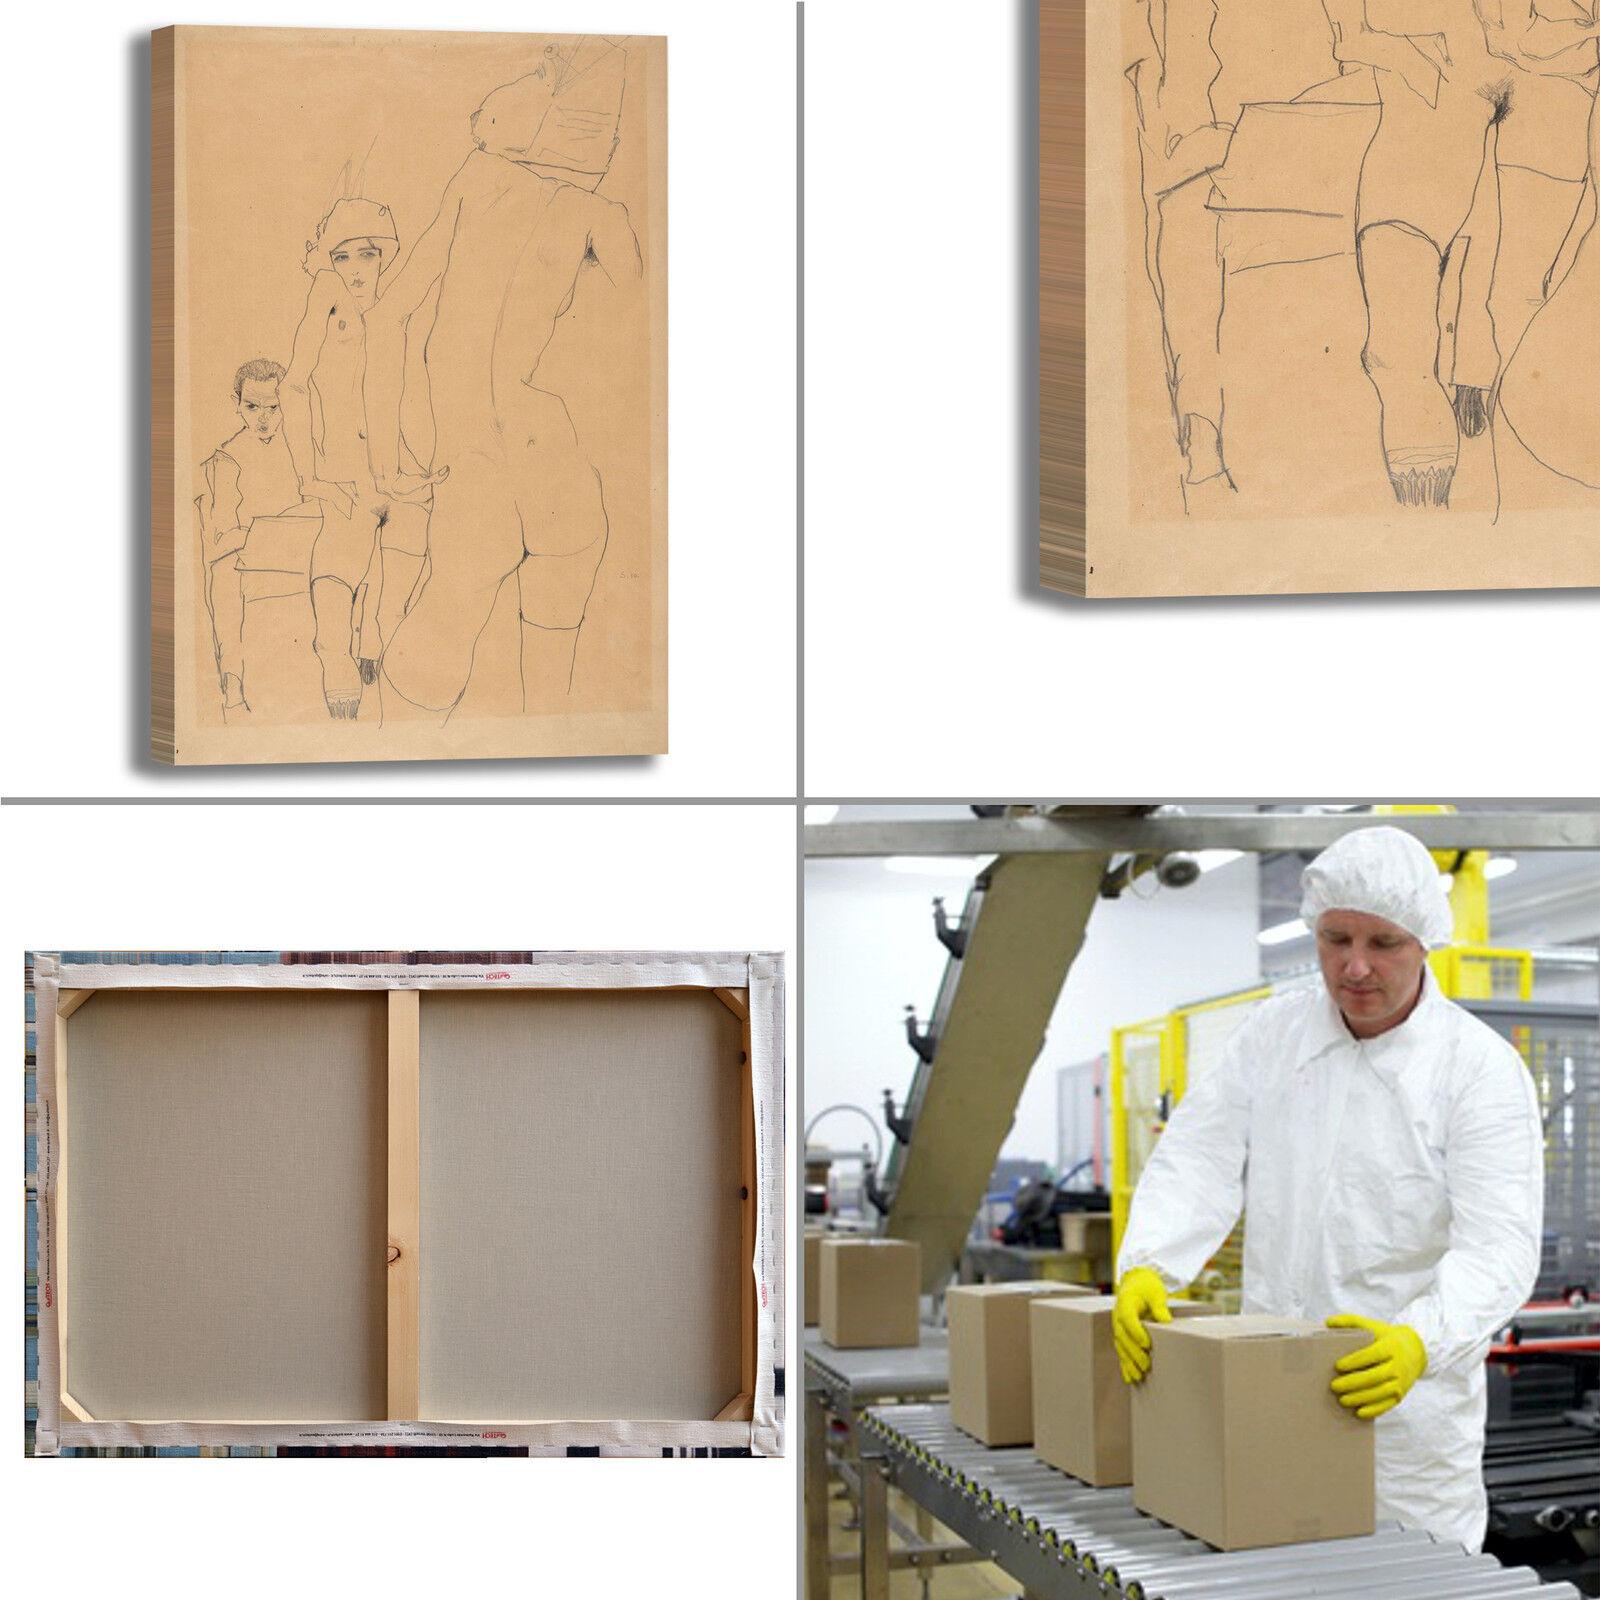 Schiele modelle nude dipinto design quadro stampa tela dipinto nude telaio arRouge o casa 49e768